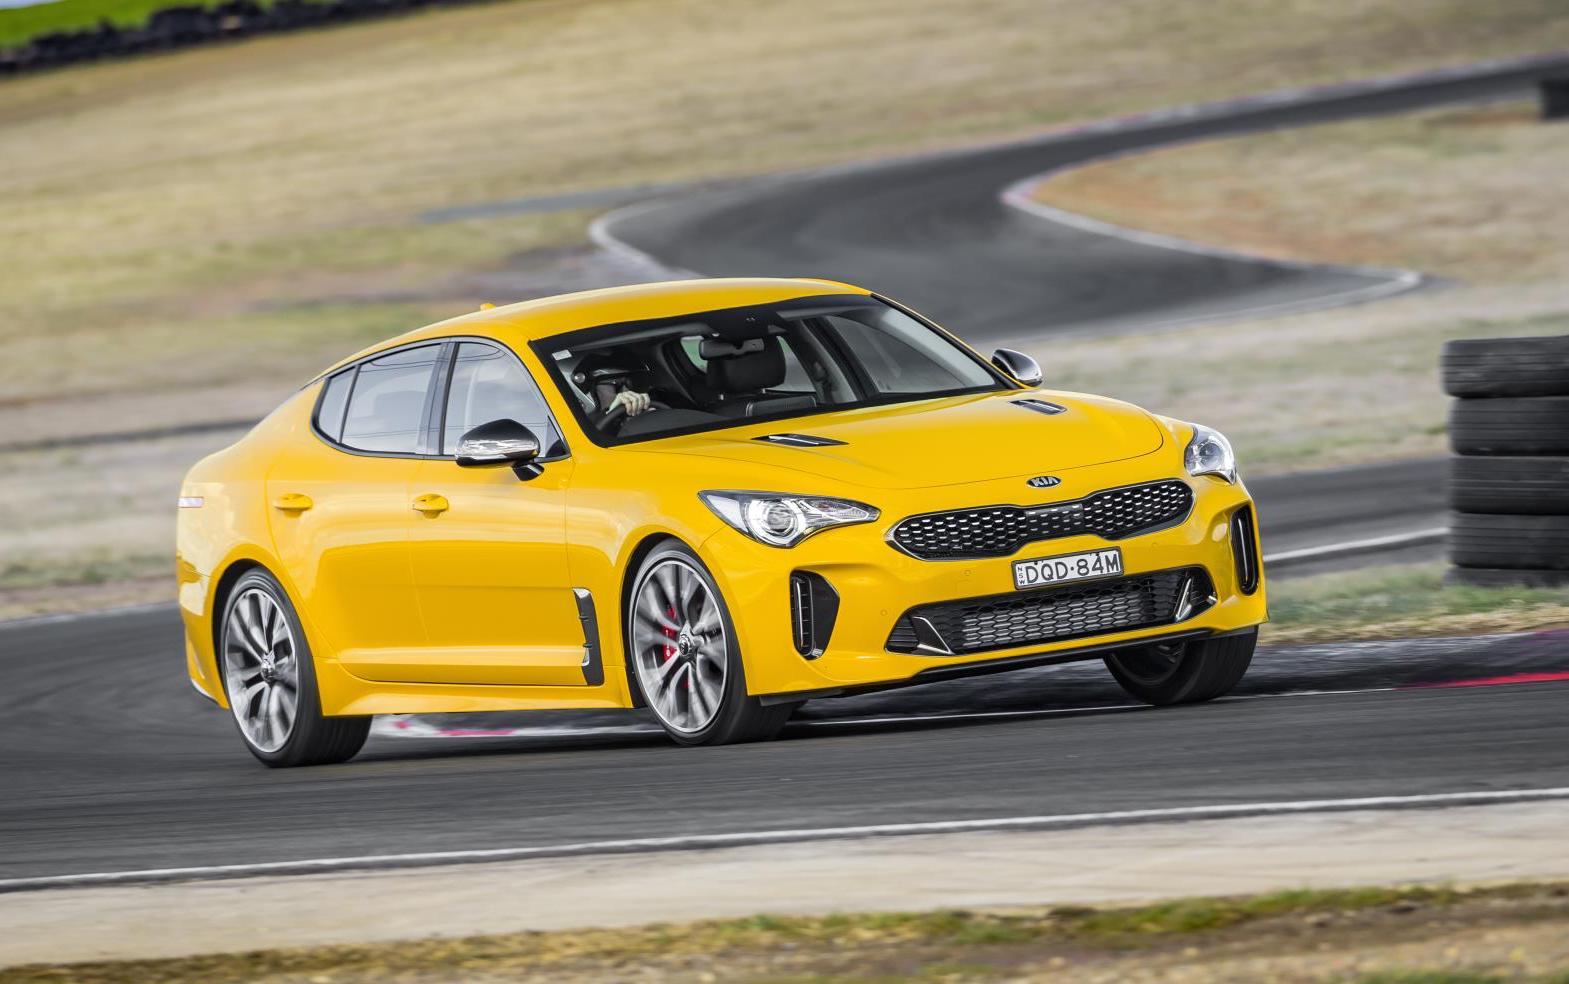 2018-Kia-Stinger-Si-yellow